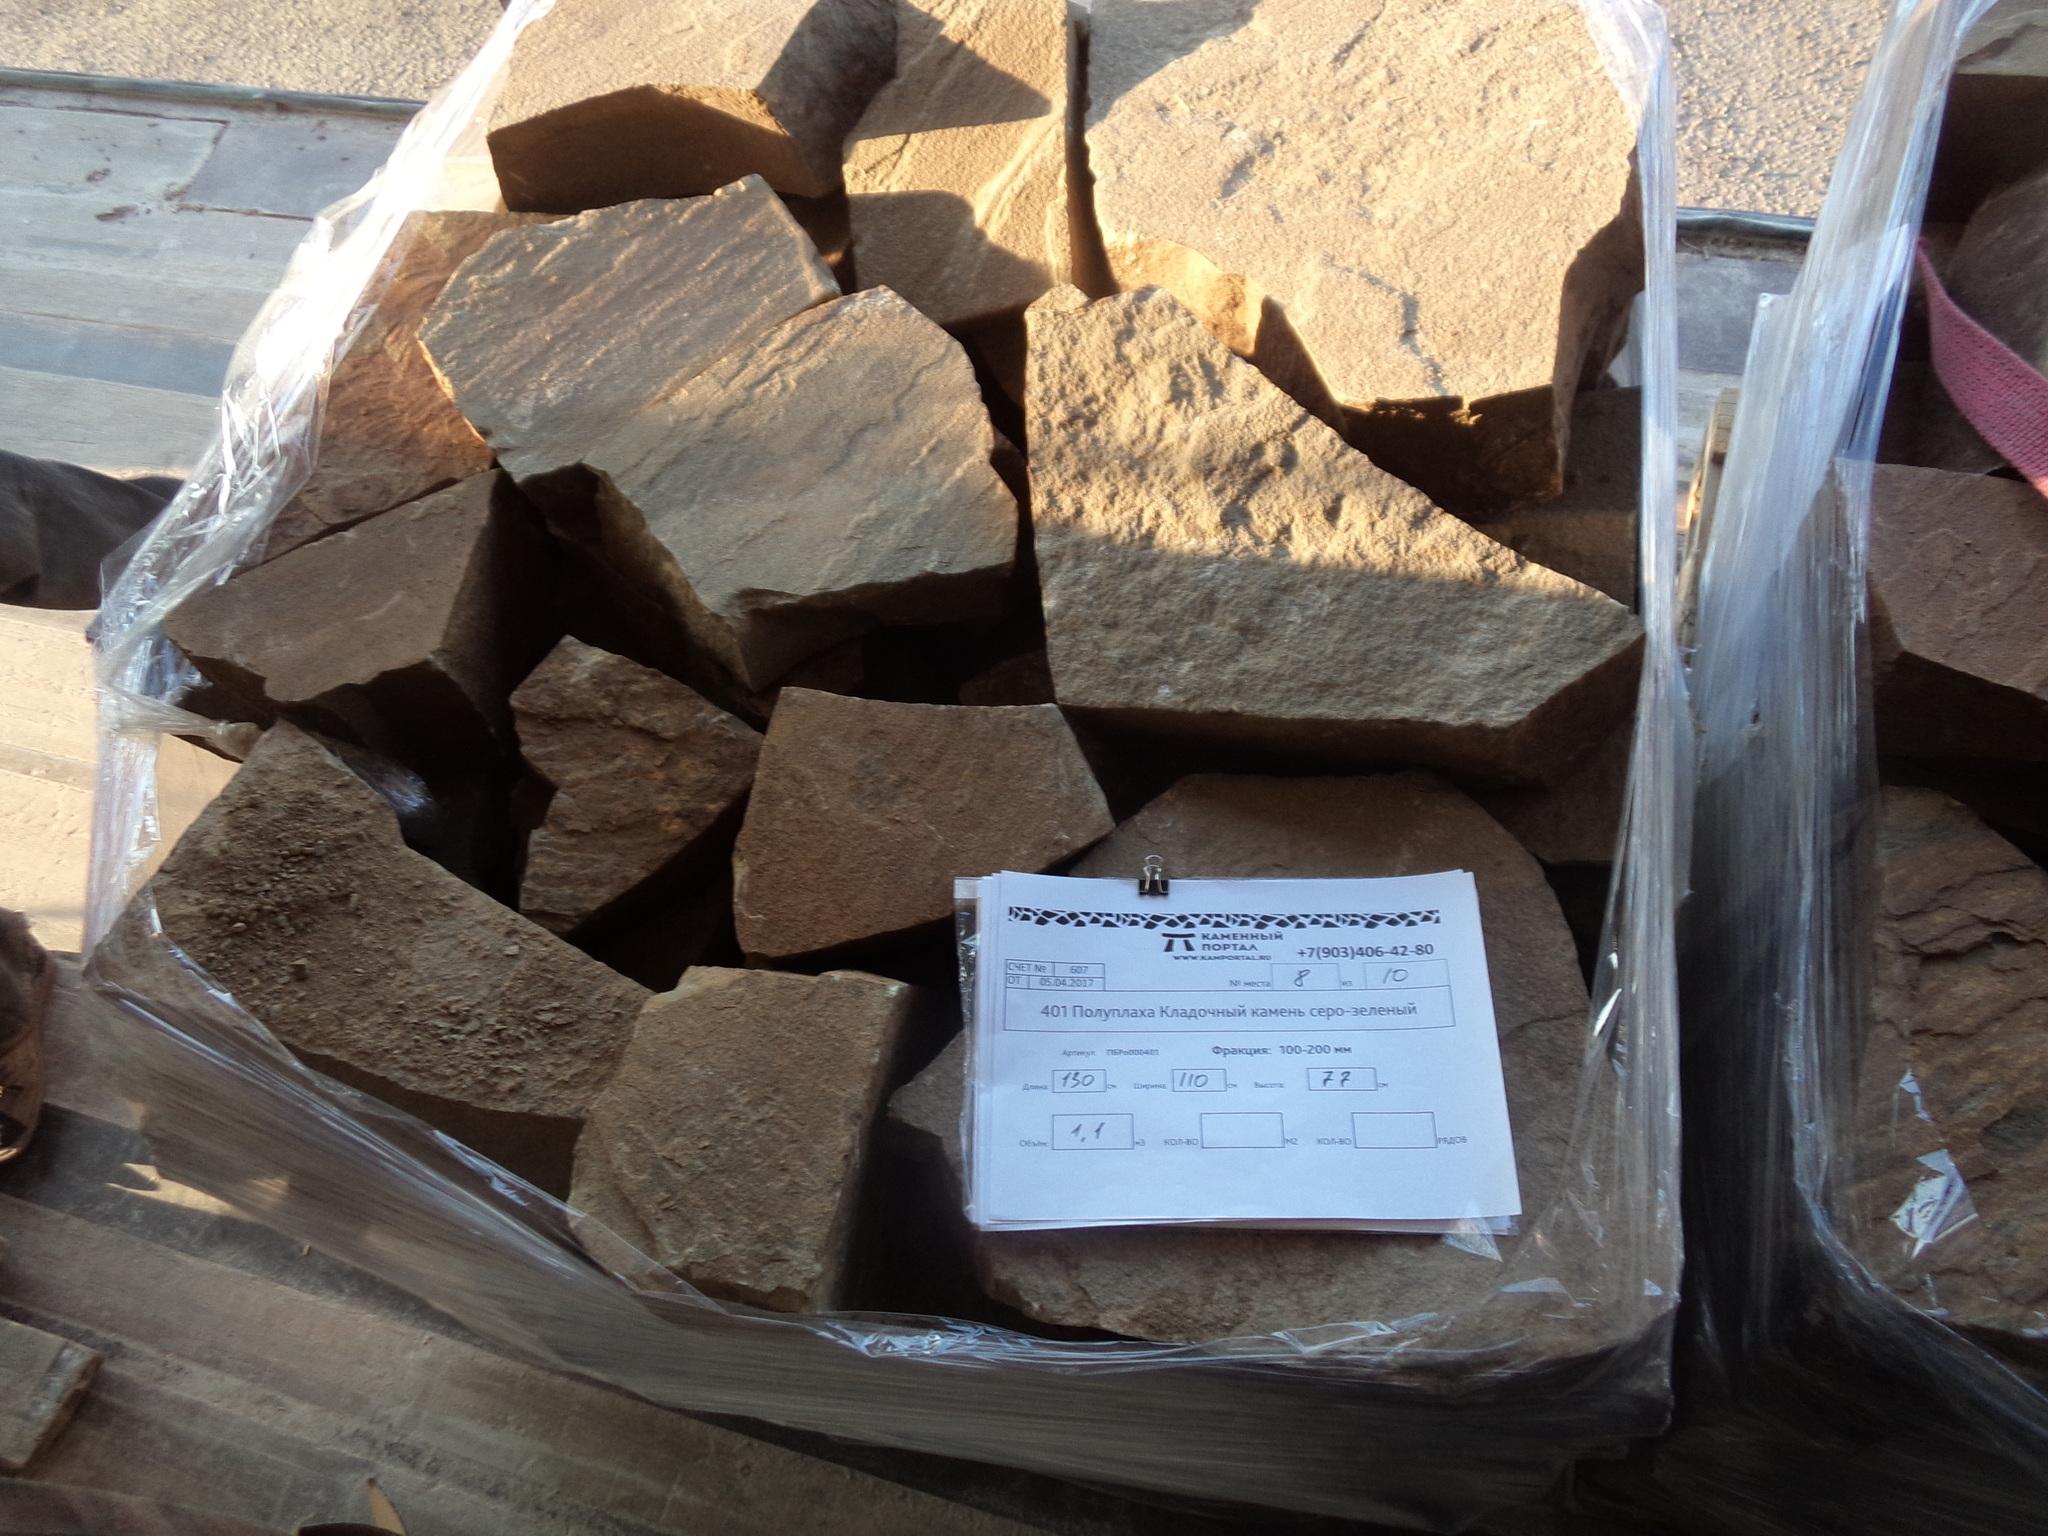 Бутовый камень кладочный Каштан упакован на карьере